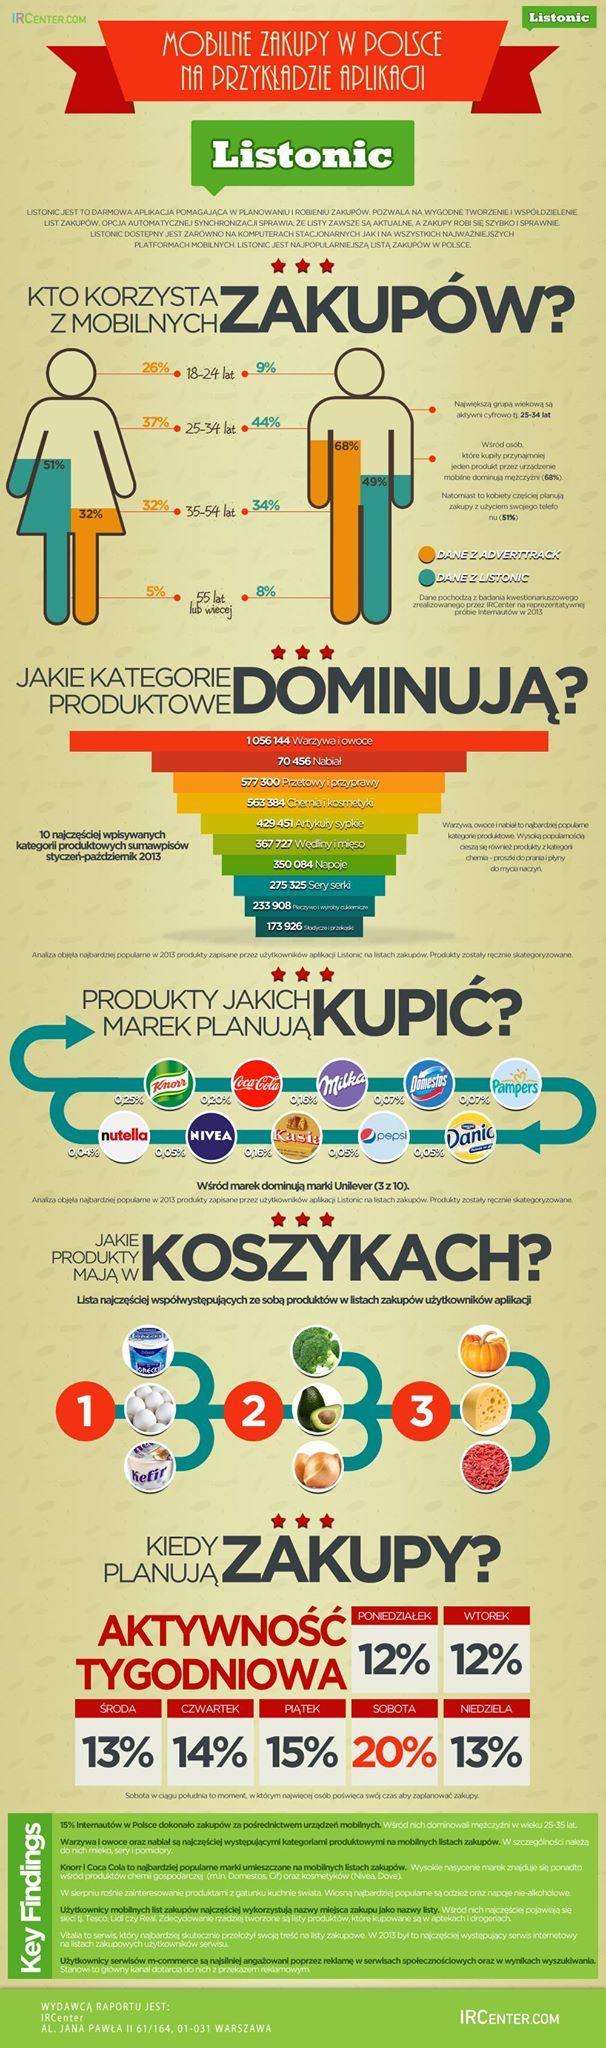 Listonic, twórca aplikacji ułatwiającej planowanie i robienie zakupów, z którą zetknęło się 16% polskich internautów (za badaniem Eating habits, IRCenter), udostępnił agencji badawczej IRCenter dane o tym, co i kiedy na listach zakupów umieszczali jej użytkownicy w 2013 roku. http://www.ircenter.com/blog/mobilne-listy-zakupow-na-przykladzie-listonic/